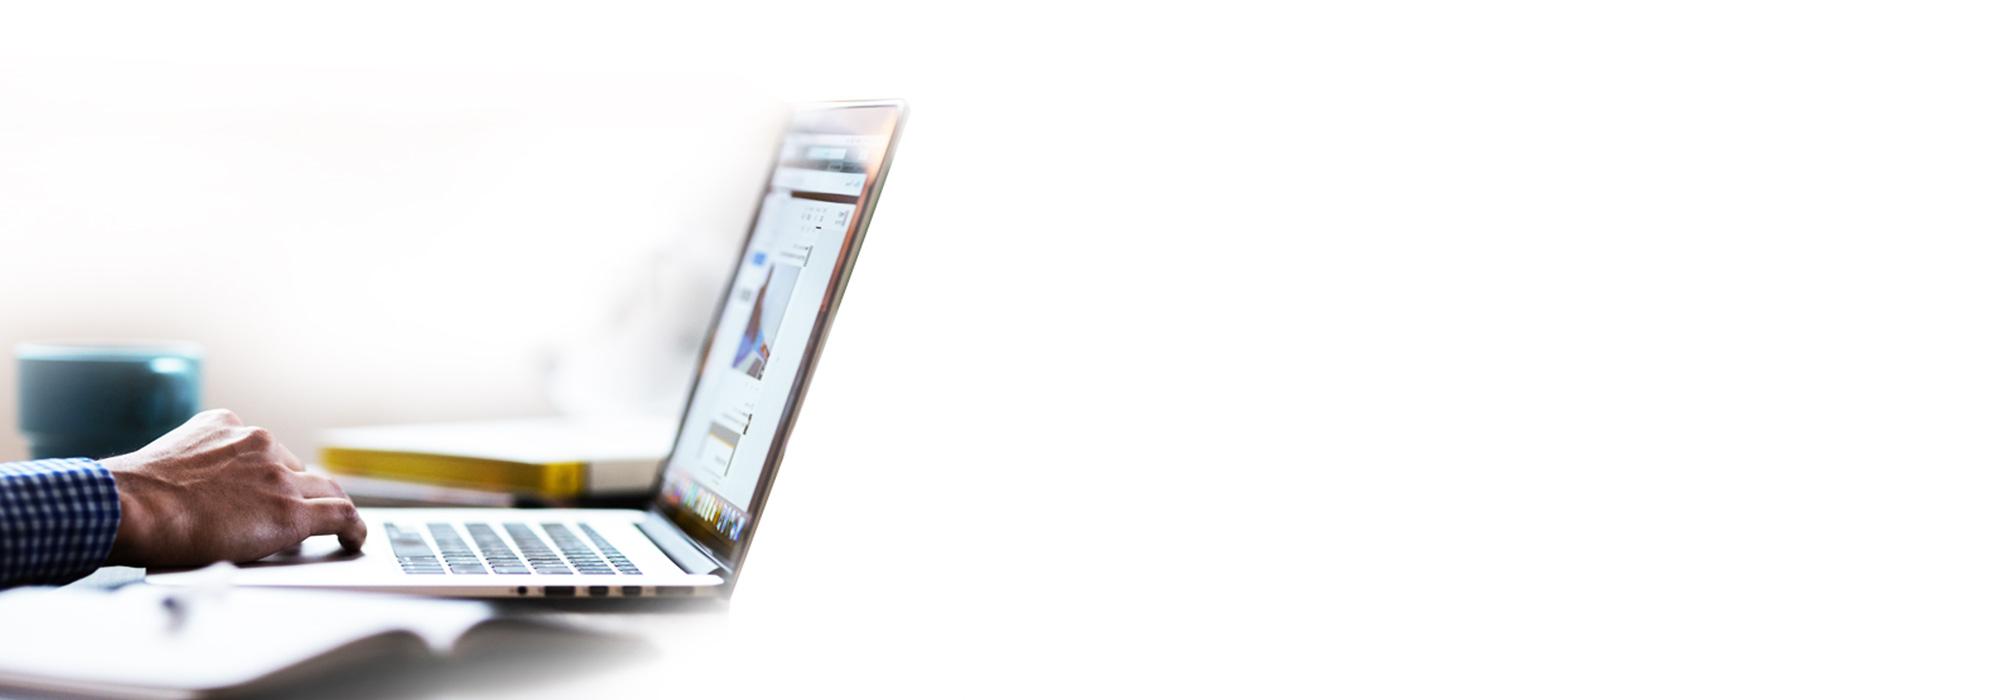 web-site-arkaplan-bilgisayar